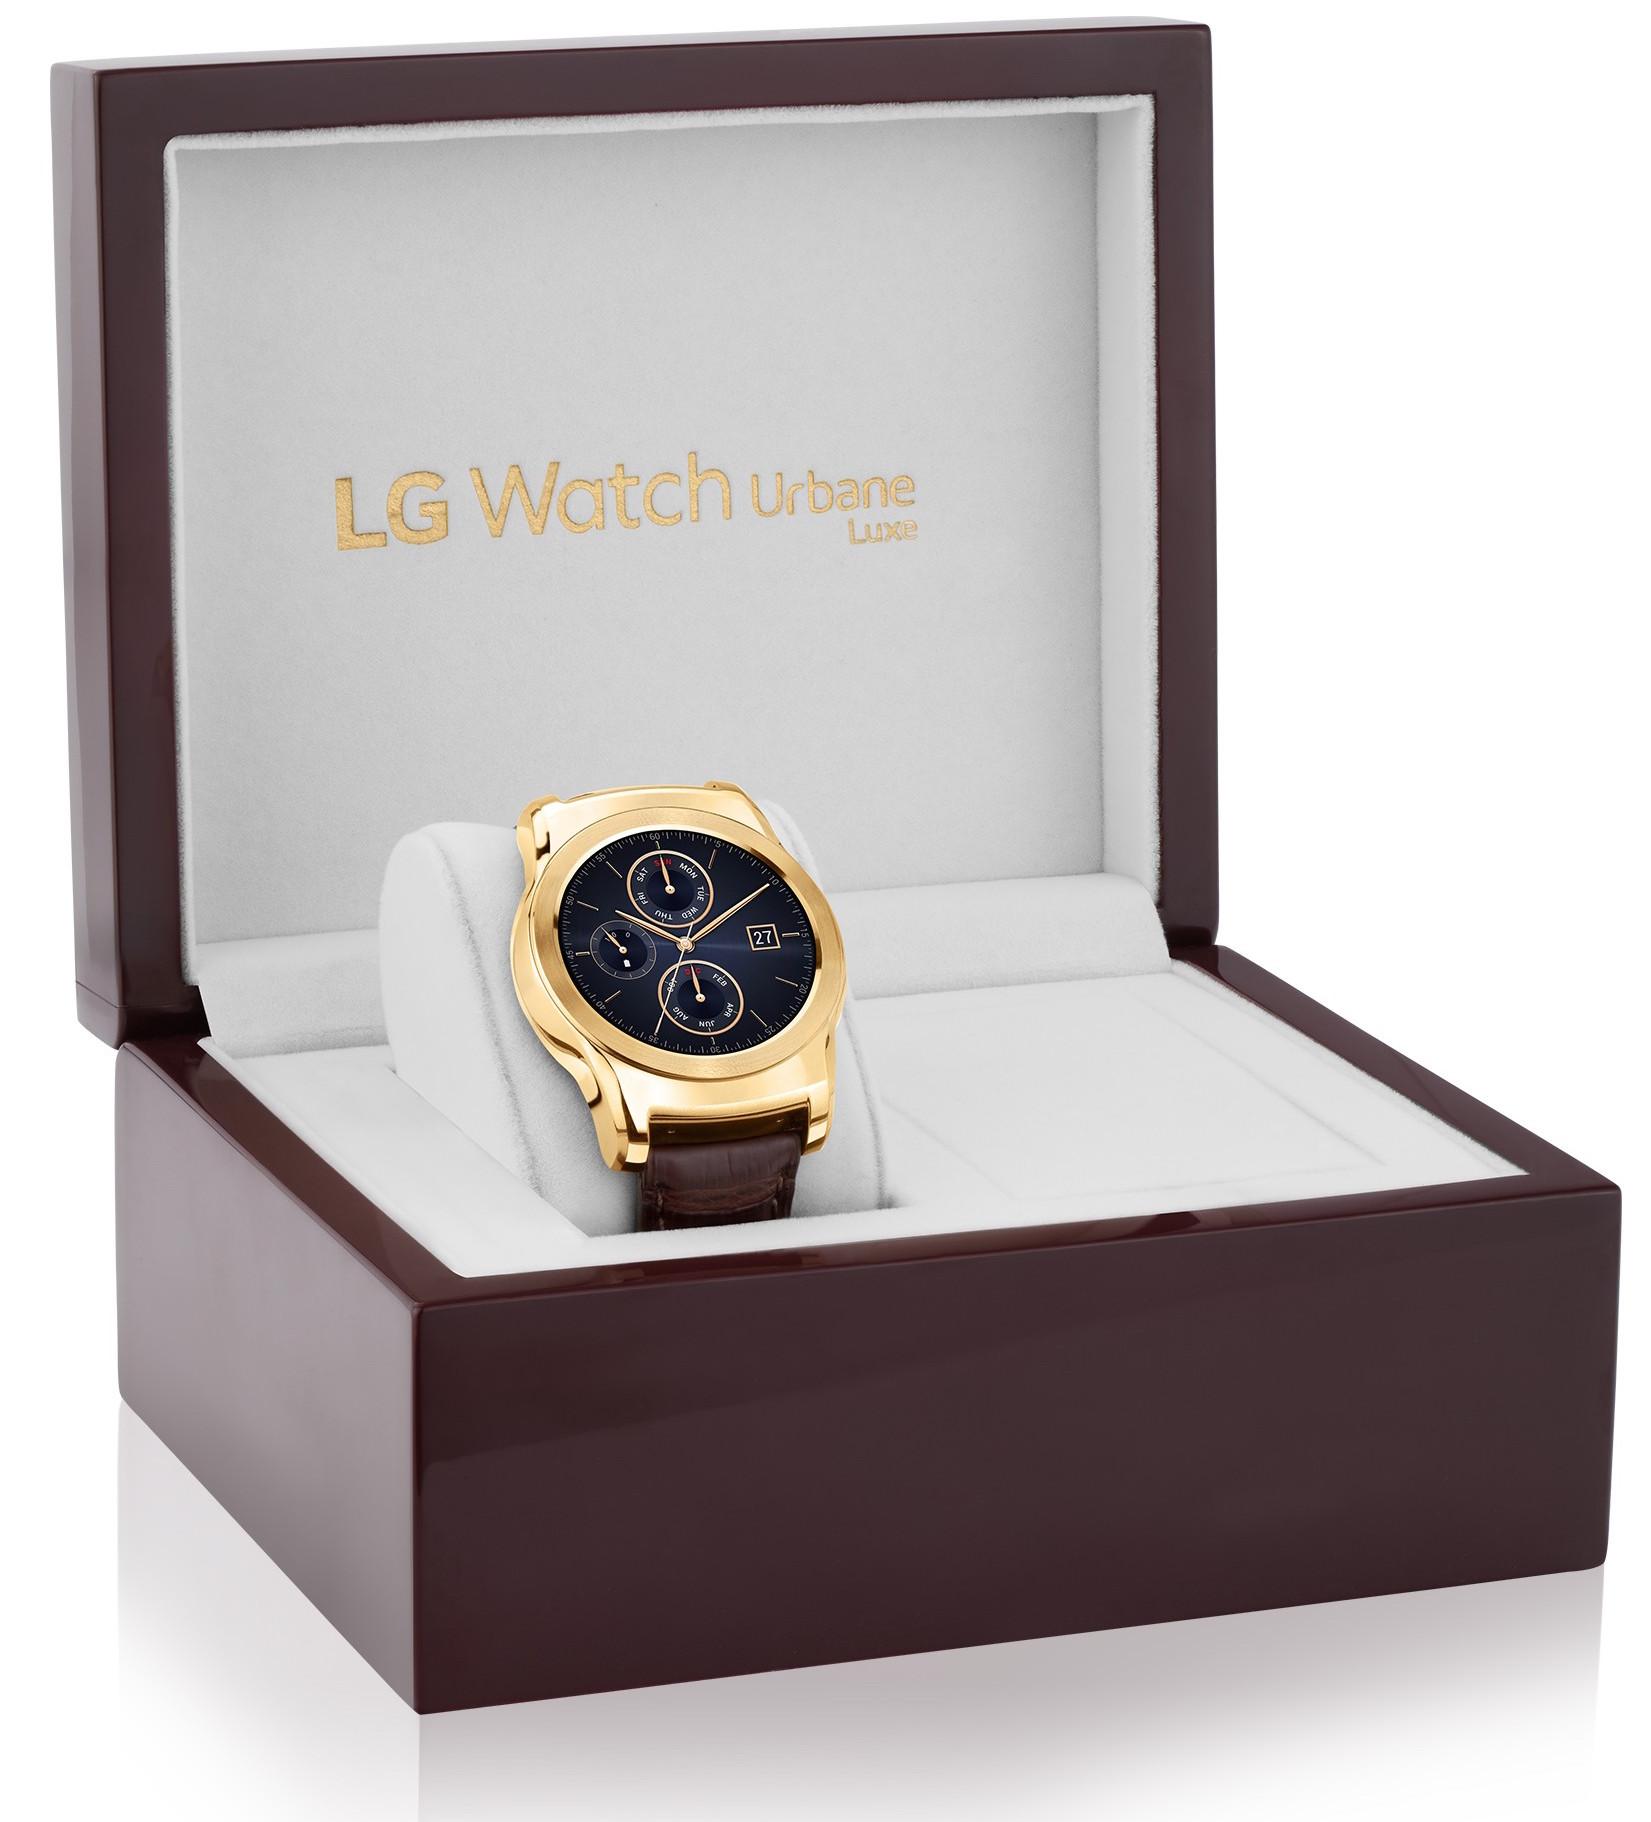 LG Watch Urbane Luxe Case